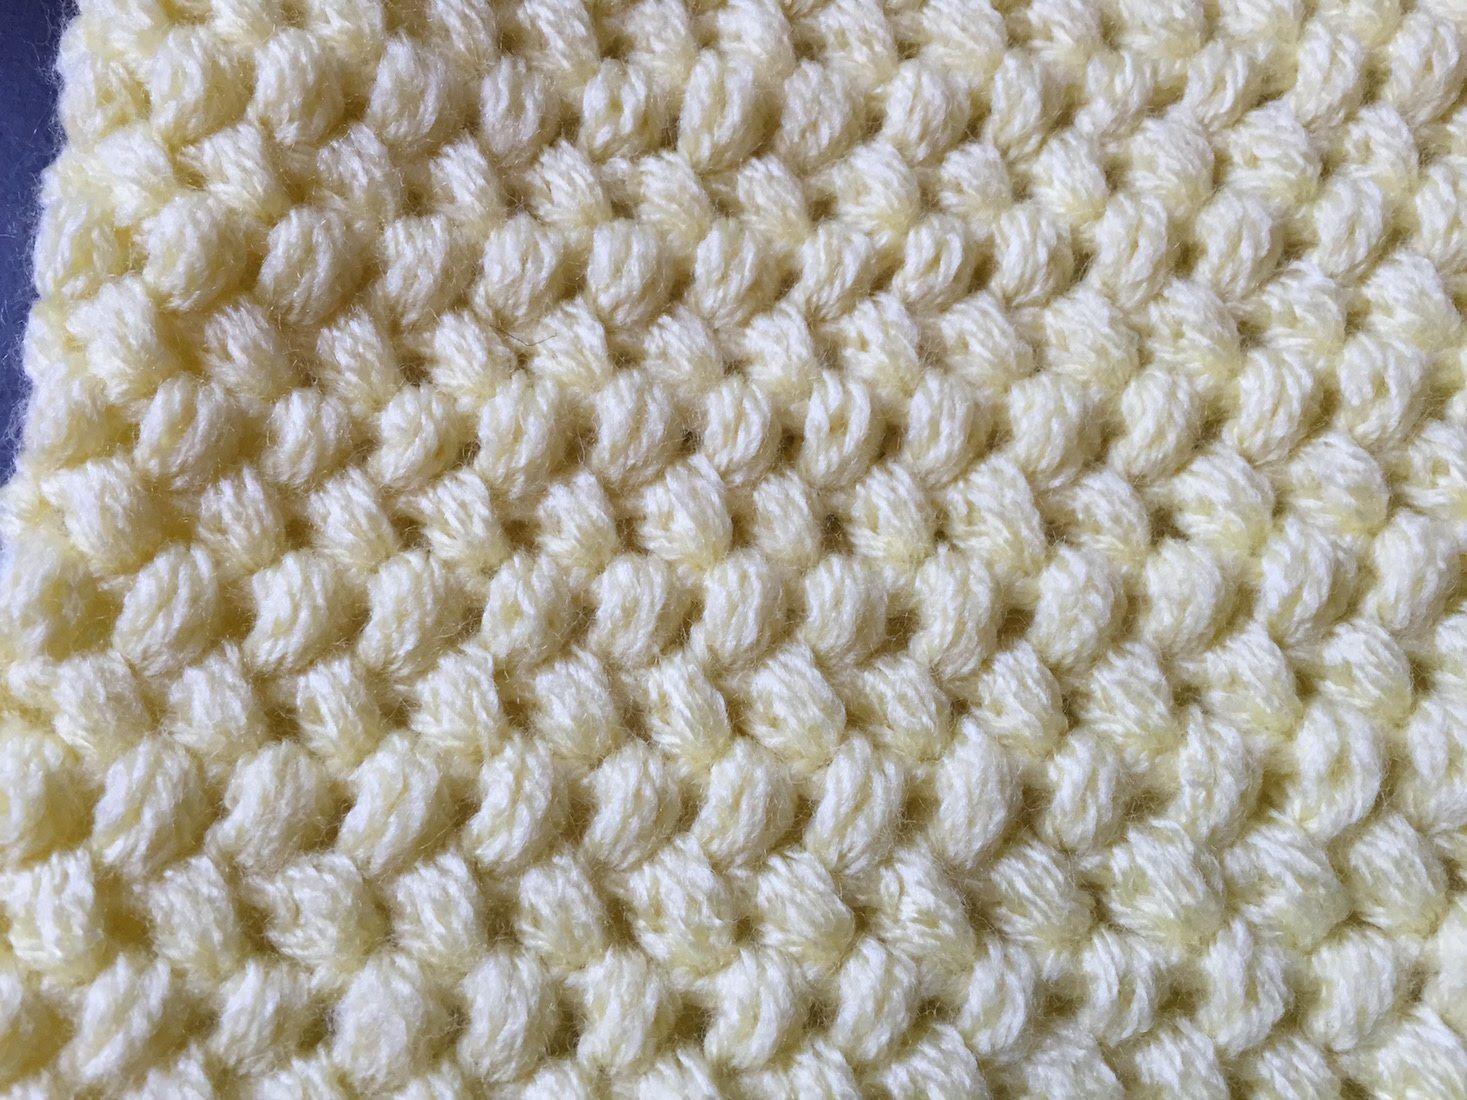 Tuto facile point popcorn ou point gonfle au crochet tr s facile a faire s adapte pour des - Echarpe au crochet facile a faire ...